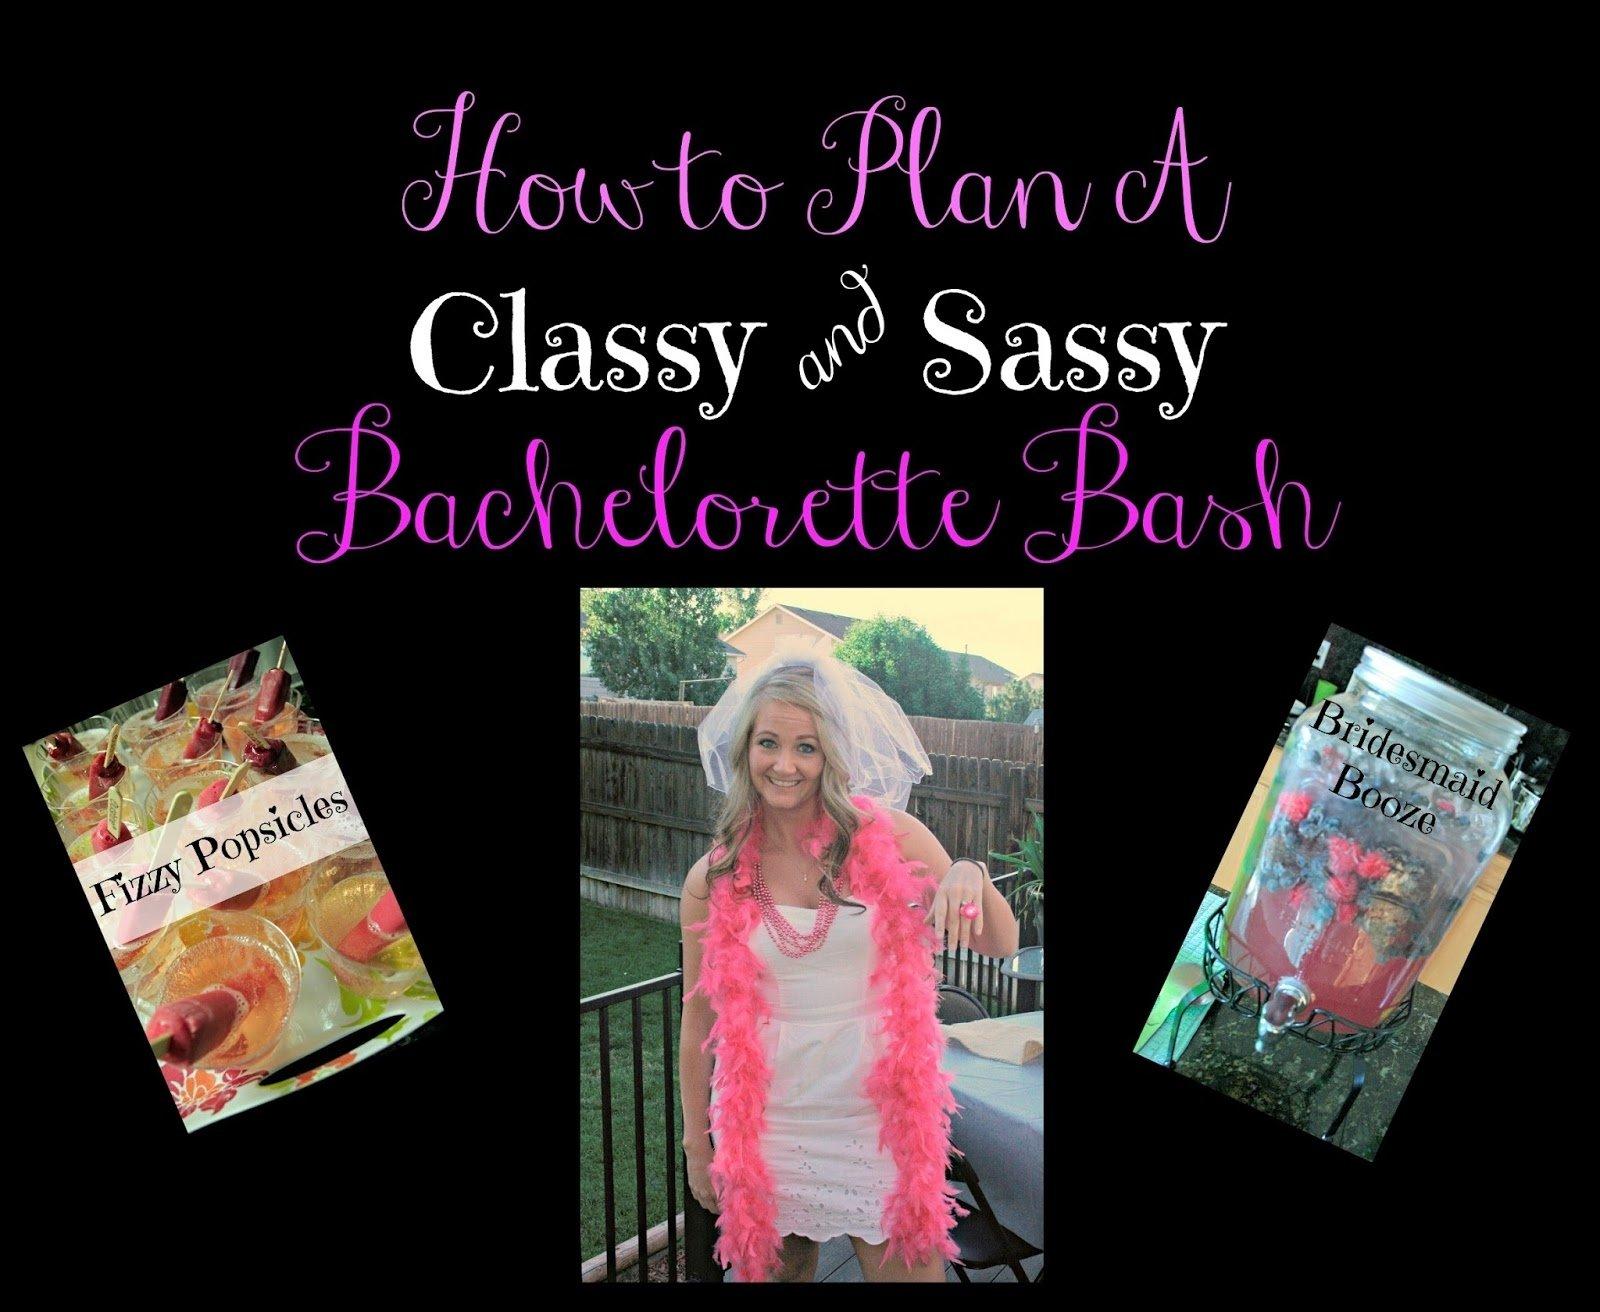 10 Gorgeous Low Key Bachelorette Party Ideas a classy sassy bachelorette bash diy we got the funk 2021